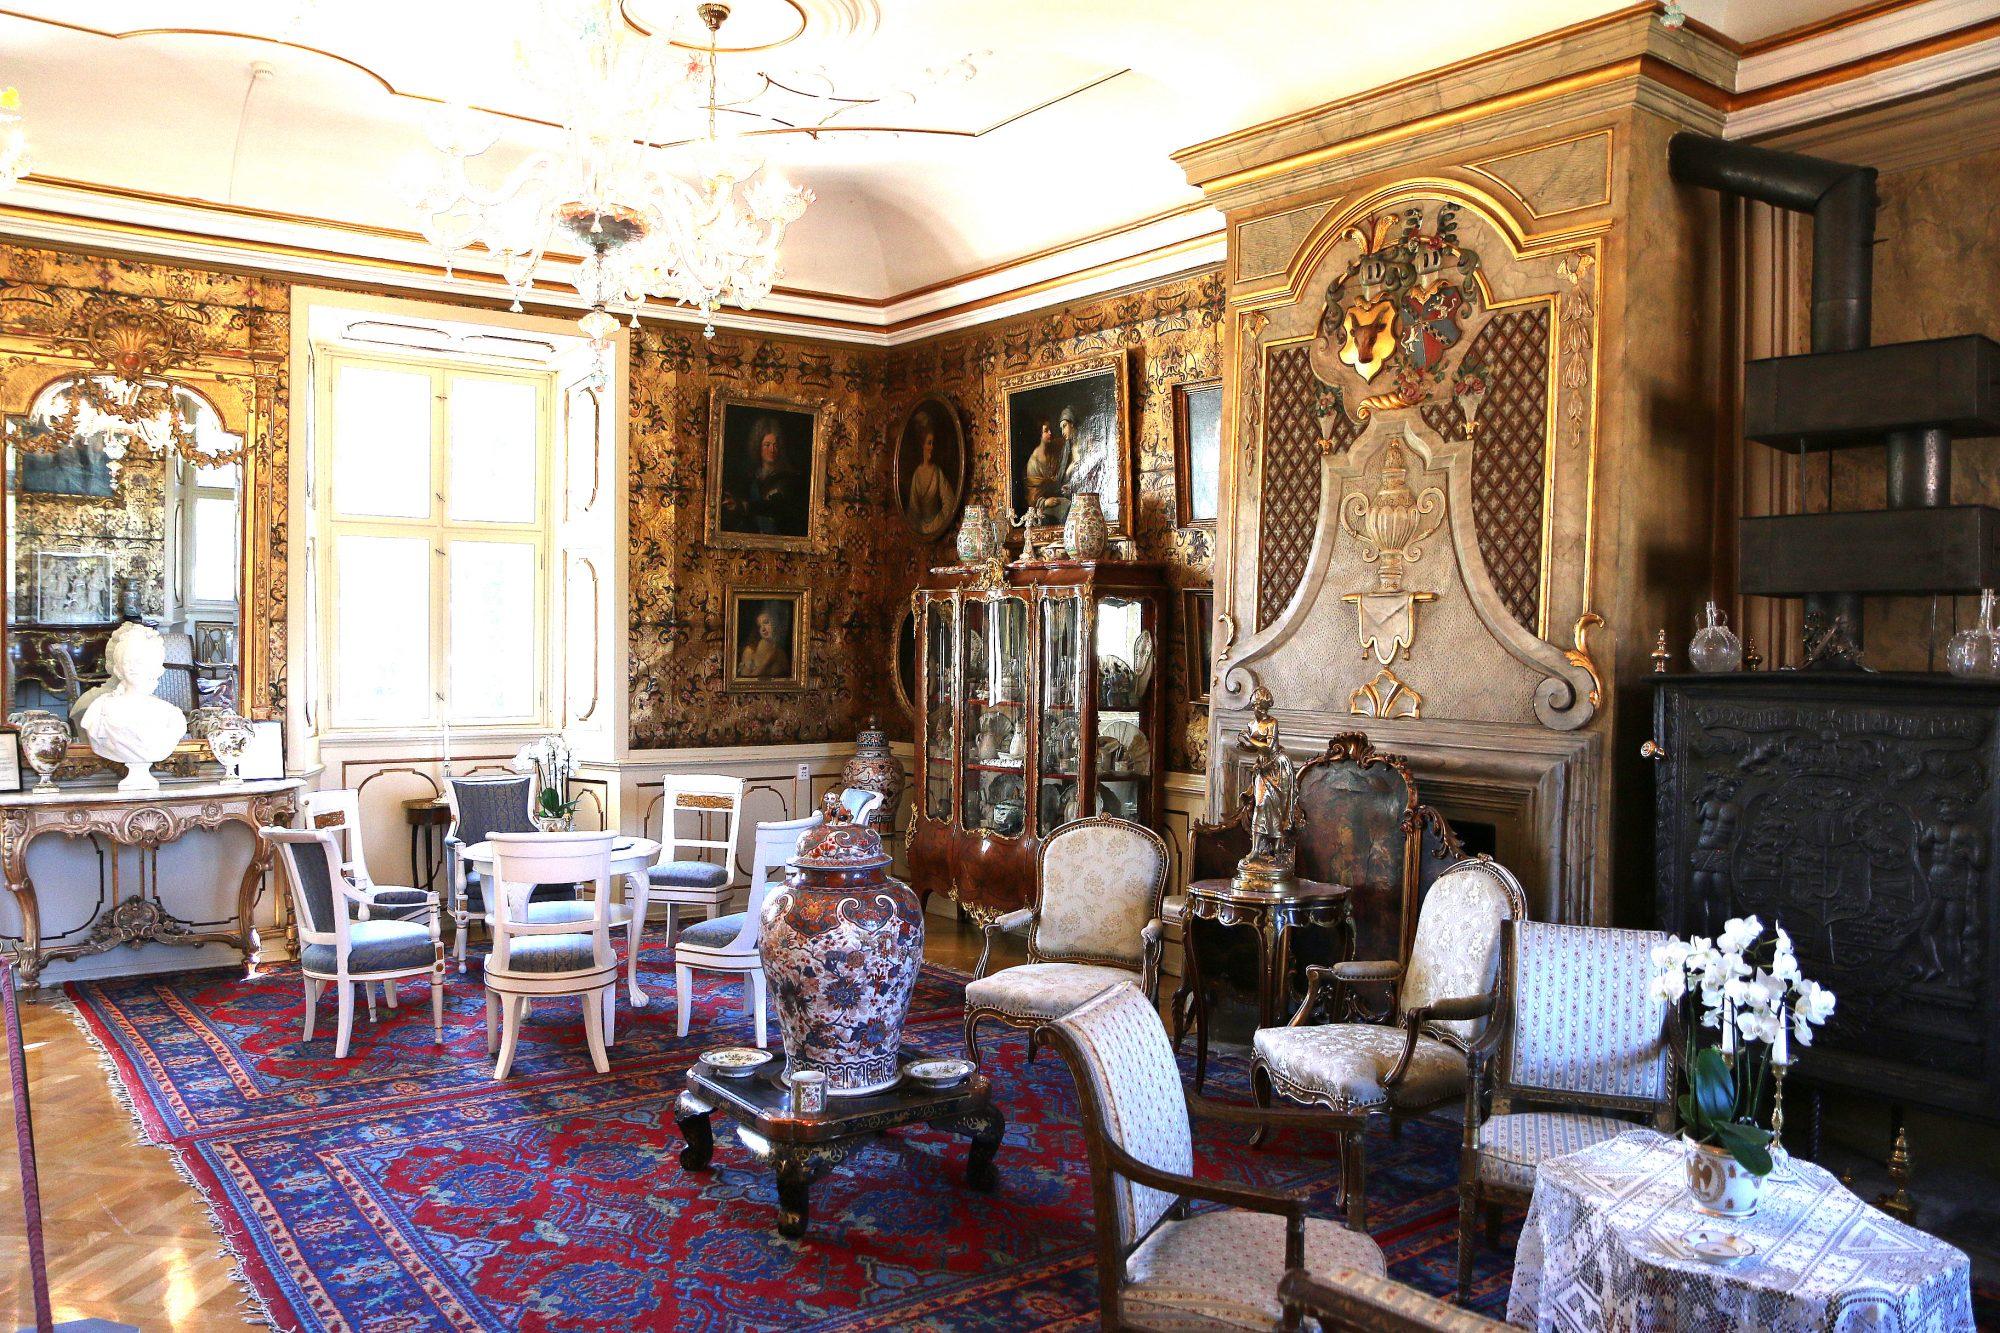 IMG_8336Gullsalen: Dette rummet har fått navn etter den gylne skinntapeten, som er laget av skinn fra villsvin nedlagt på Voegards eiendom. Det var Peder Reedtz som fikk satt opp gullskinnstapetet i 1750. Foto: Flemming Hofmann Tveitan/Fjord Line